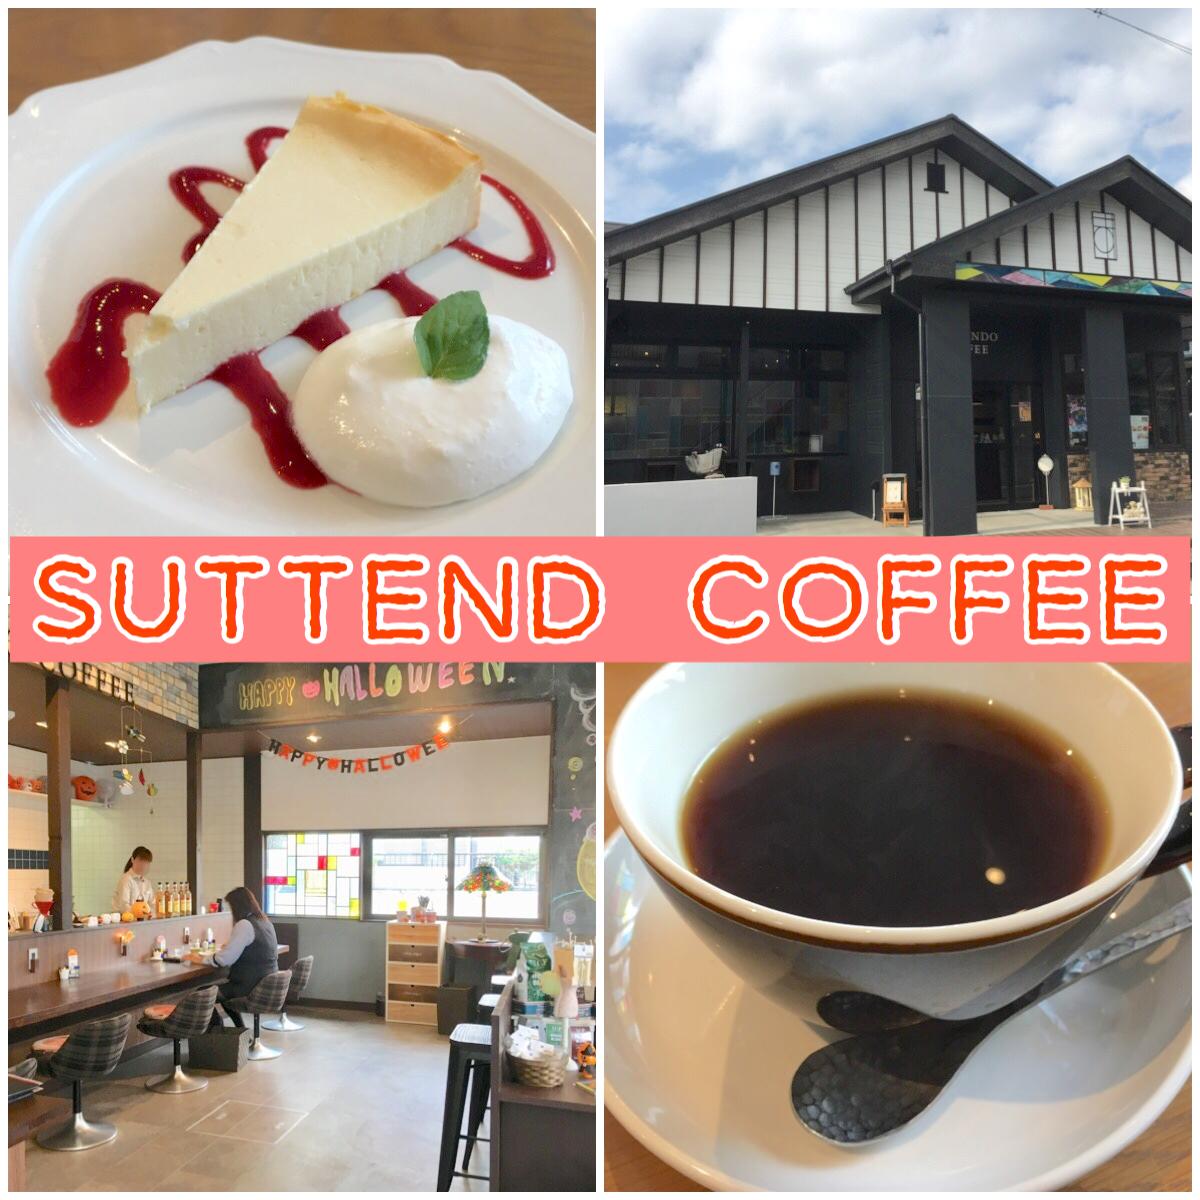 【ステンドコーヒー】北上尾のゆったり&落ち着くオシャレカフェ